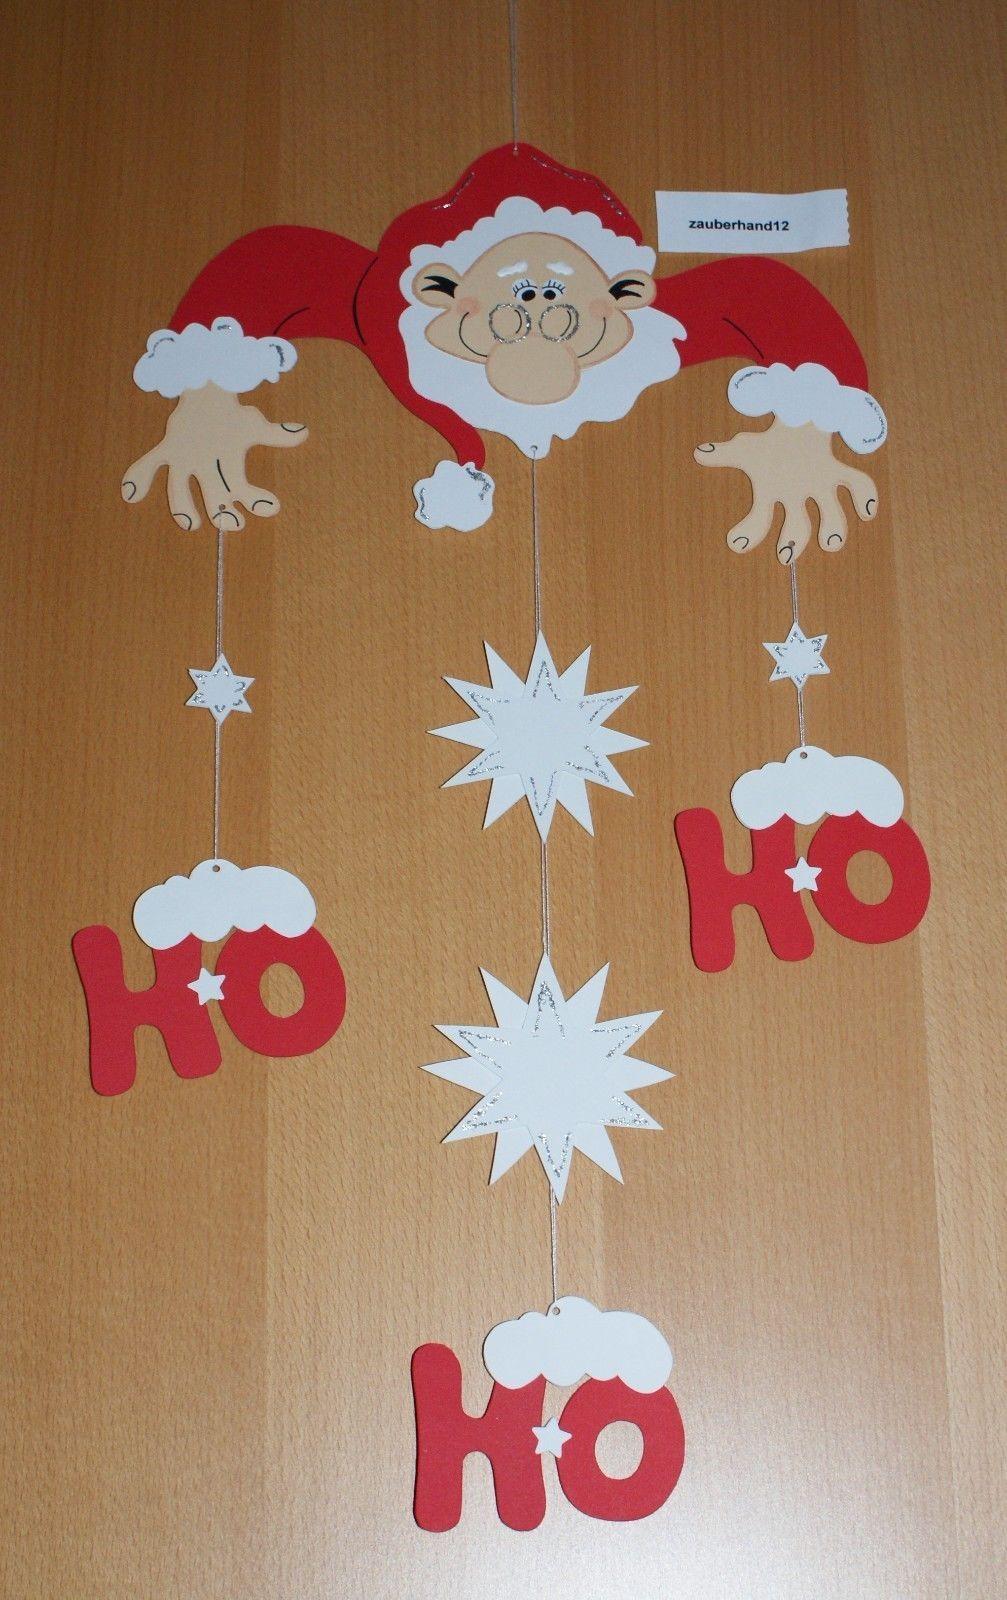 bastelvorlagen weihnachten ausdrucken tonpapier. Black Bedroom Furniture Sets. Home Design Ideas